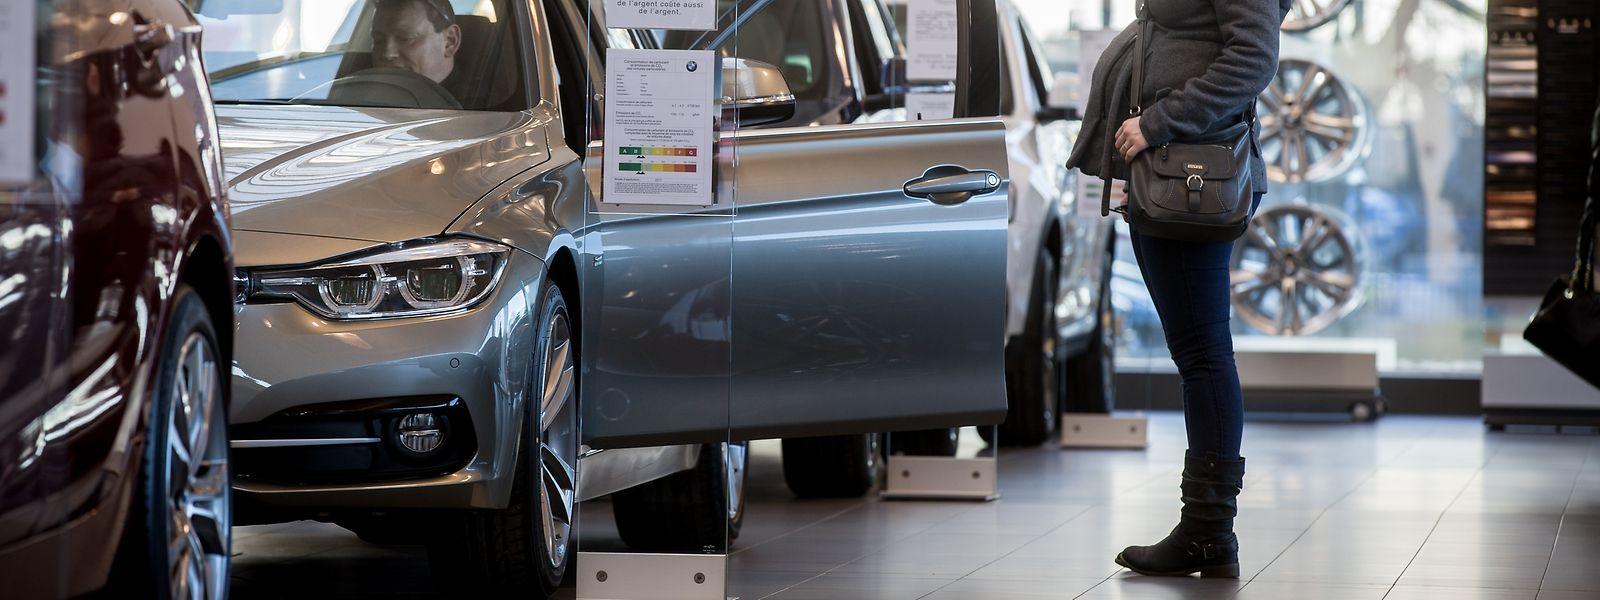 Für die Händler gilt das Autofestival als wichtiger Indikator für den weiteren Verlauf des Verkaufsjahres.